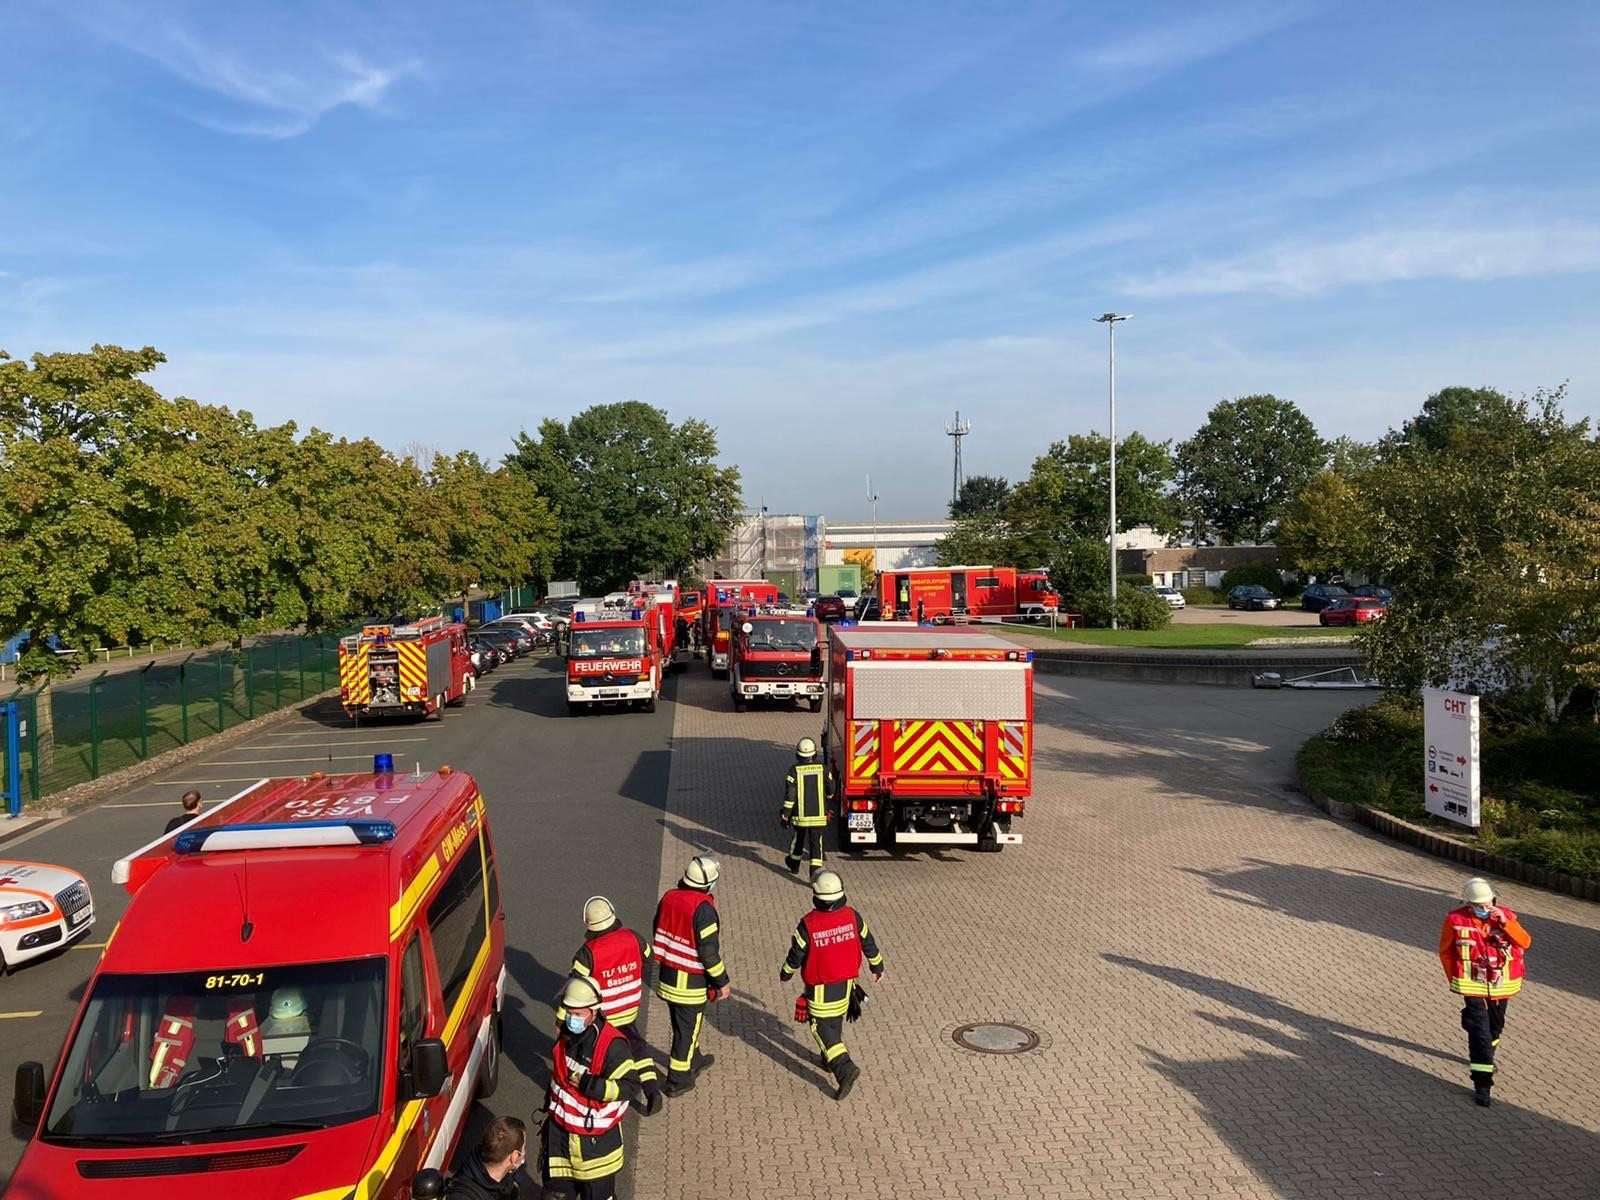 Rund acht Stunden waren die Kräfte der Feuerwehren Bassen und Oyten in der Rudolf-Diesel-Straße beschäftigt. Ihr Auftrag: eine giftige Chemikalie zu sichern.  Foto: Feuerwehr Oyten